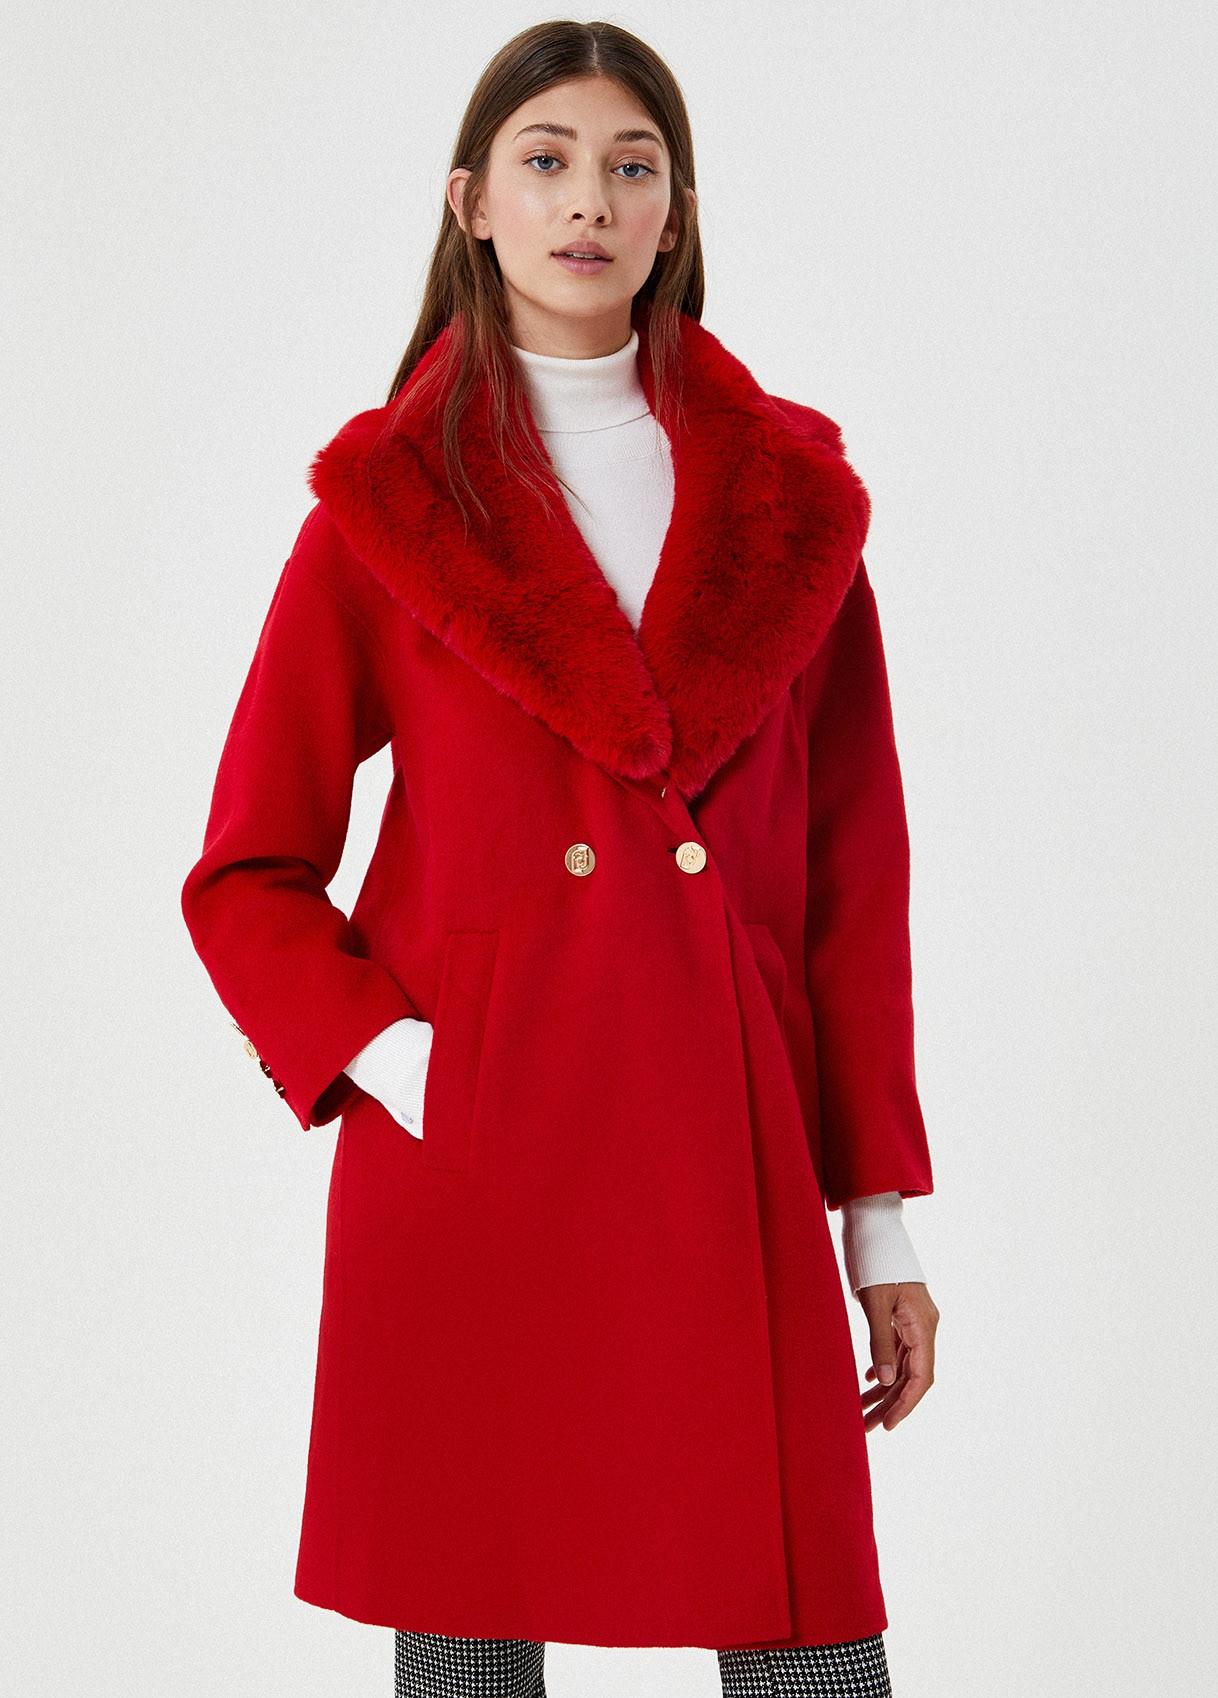 Cappotto lungo in tessuto sintetico Rosso Liu Jo - large